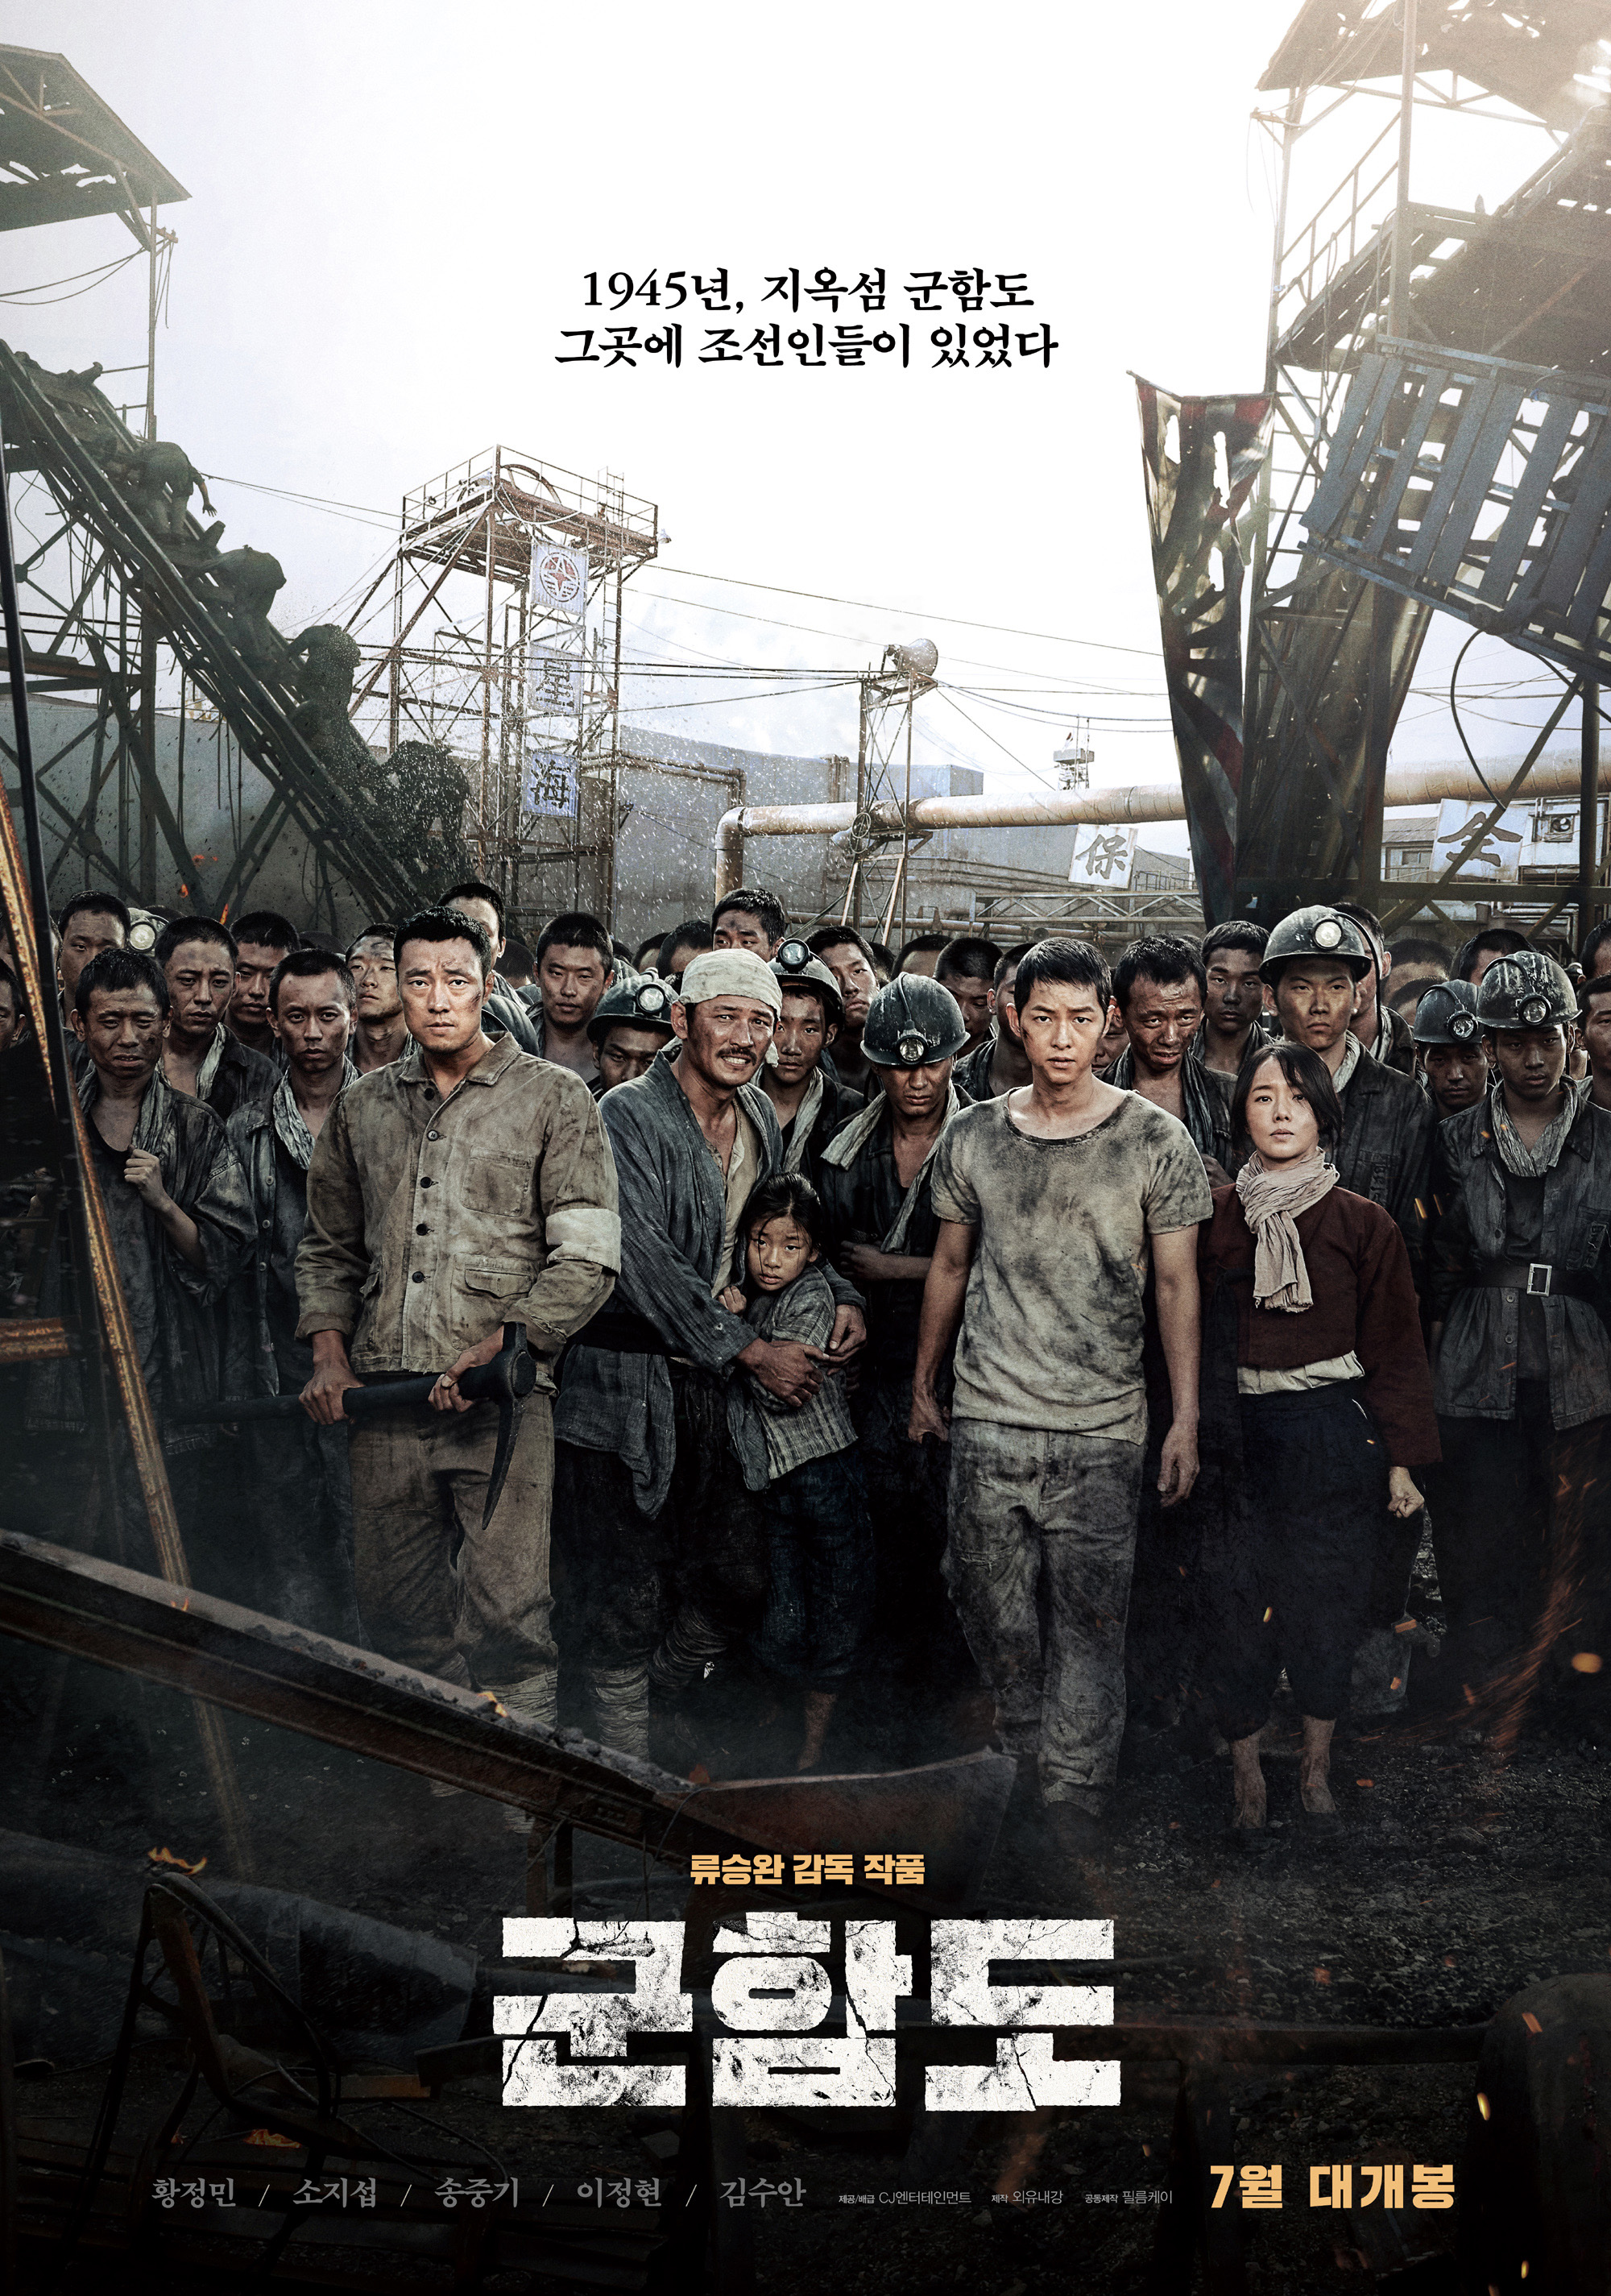 김수안 영화 군함도 메인 포스터 2017.07 (2)